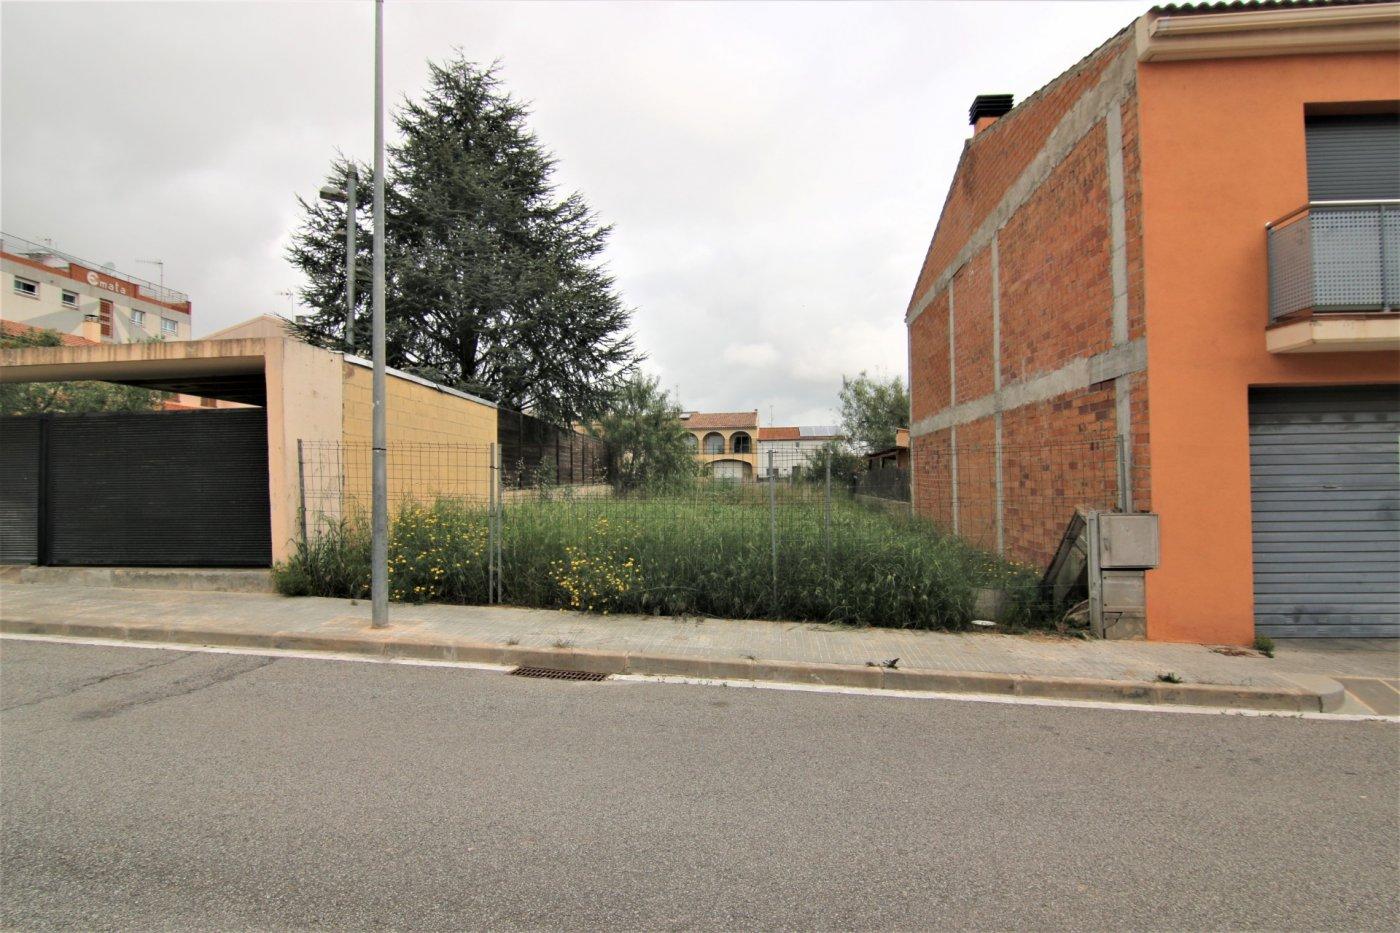 terreno-urbano en olerdola · sant-pere-molanta 46900€